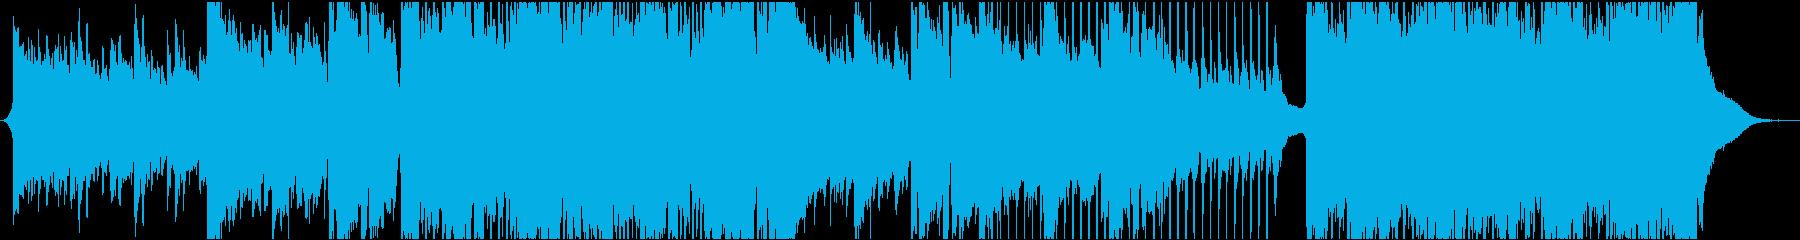 ポップ テクノ 代替案 カントリー...の再生済みの波形